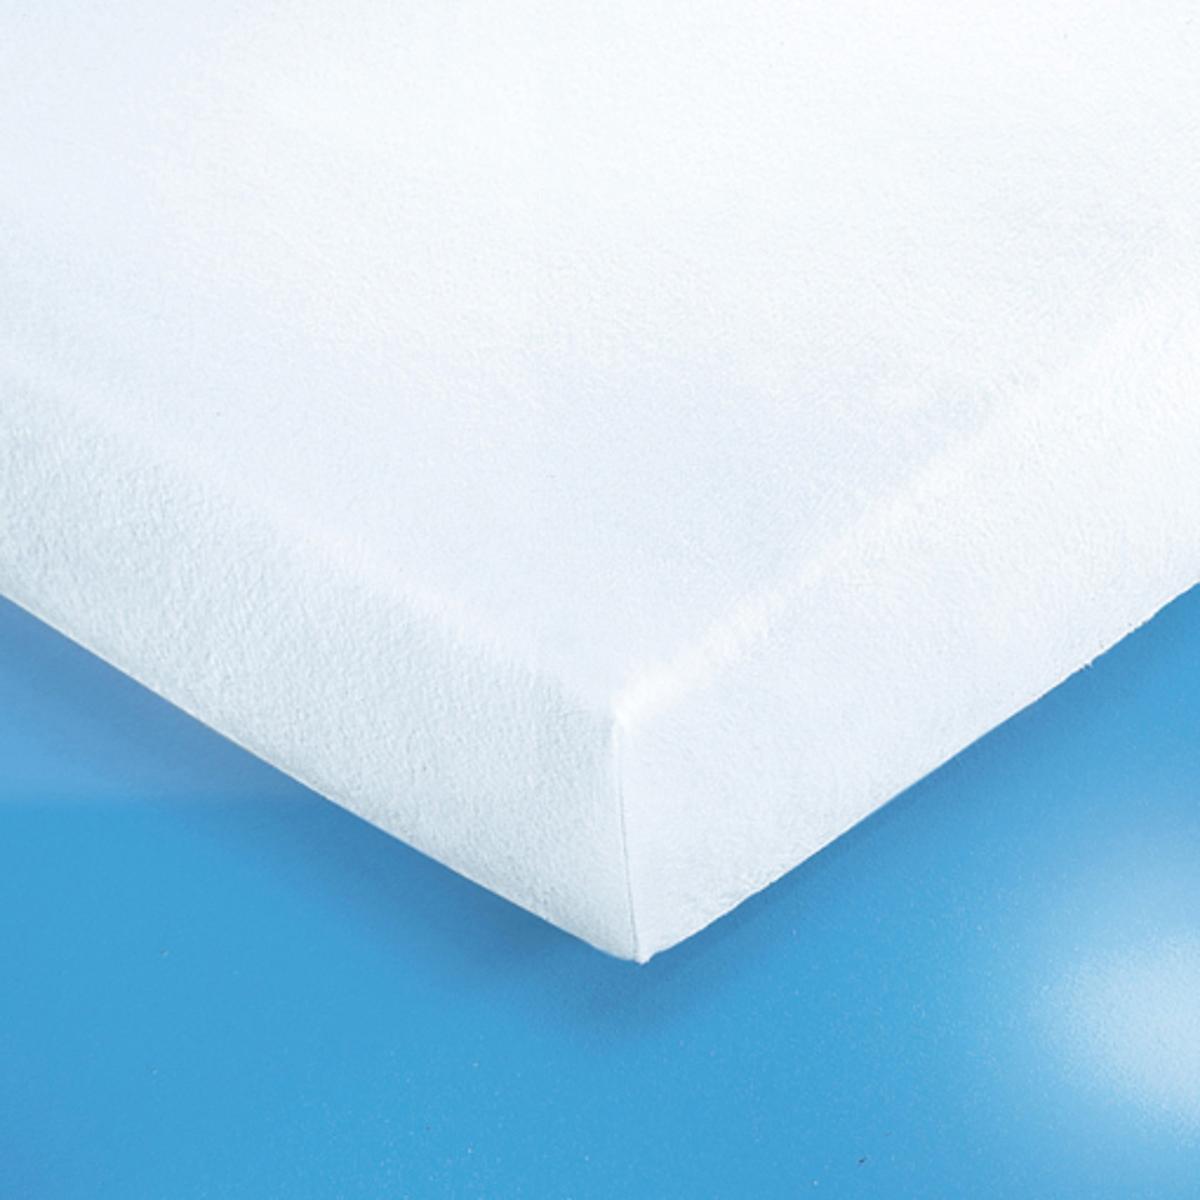 Чехол La Redoute Защитный для матраса натяжной из эластичной махровой ткани 140 x 190 см белый чехол la redoute защитный для матраса гм из махровой ткани с непромокаемым покрытием из пвх 60 x 120 см белый